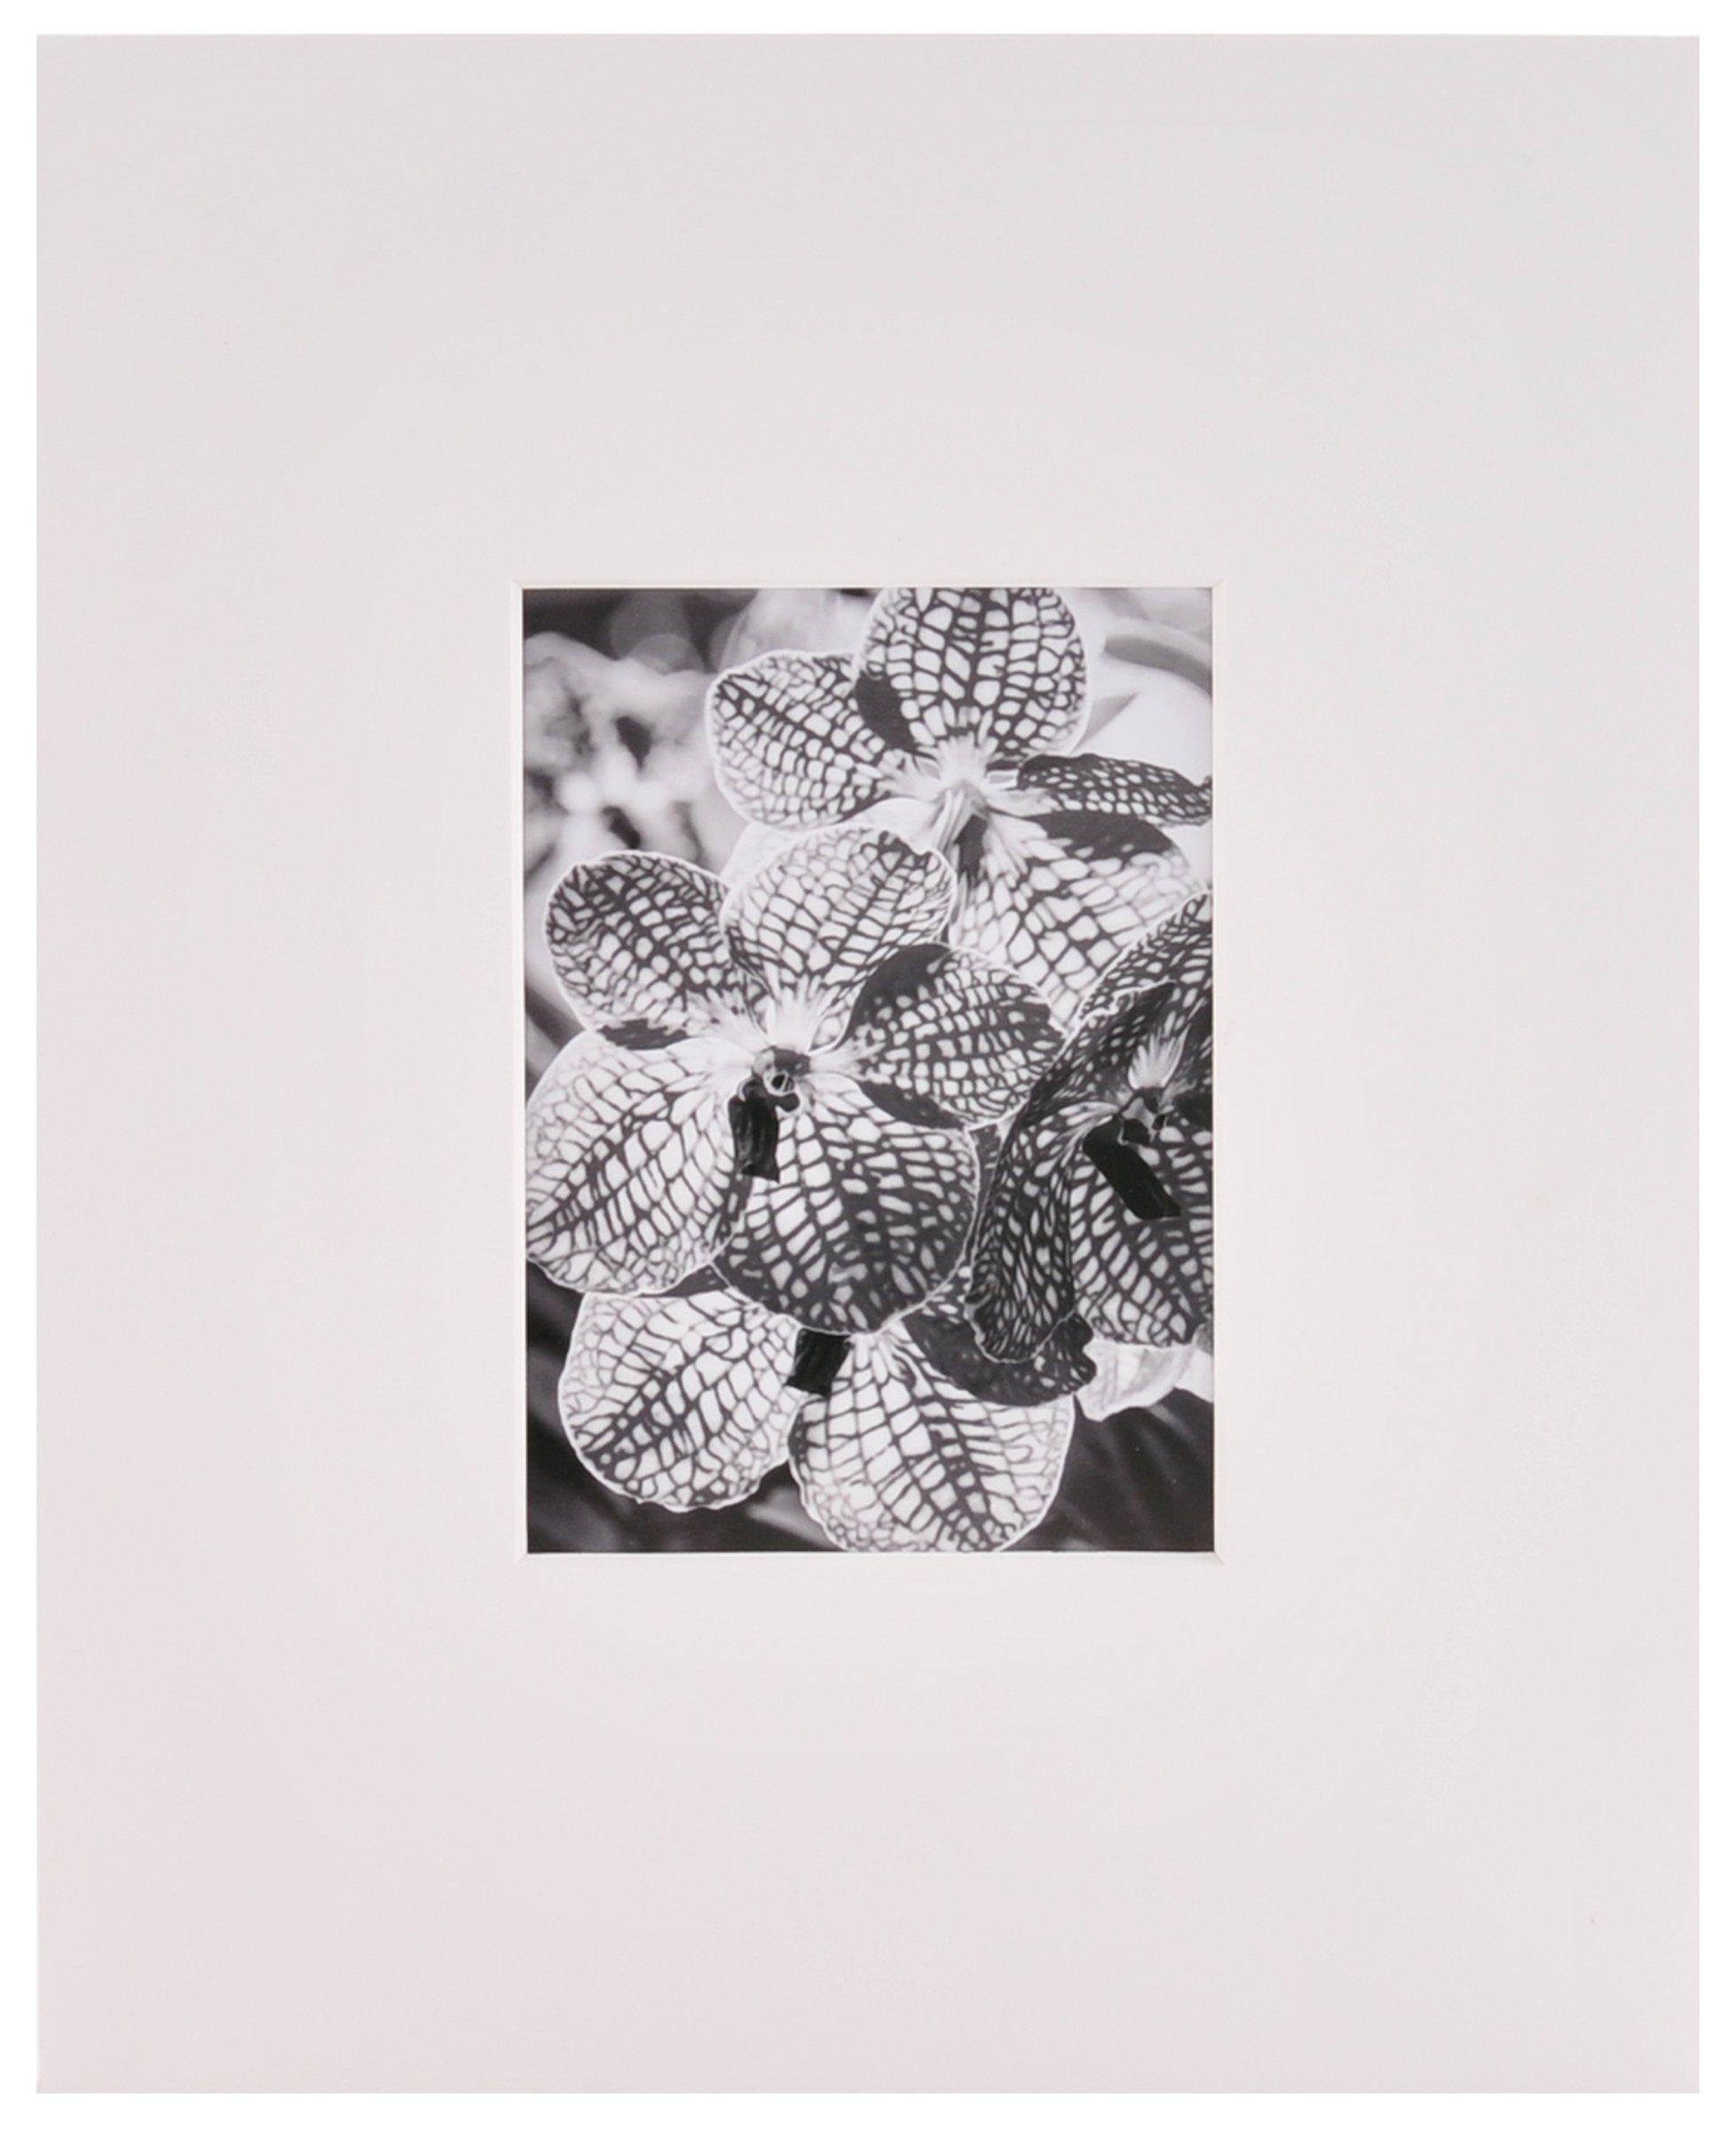 Nielsen Bainbridge Artcare By White 11x14 Pre-Cut Museum Quality Archival Picture Mat For 5x7 Photo by Nielsen Bainbridge